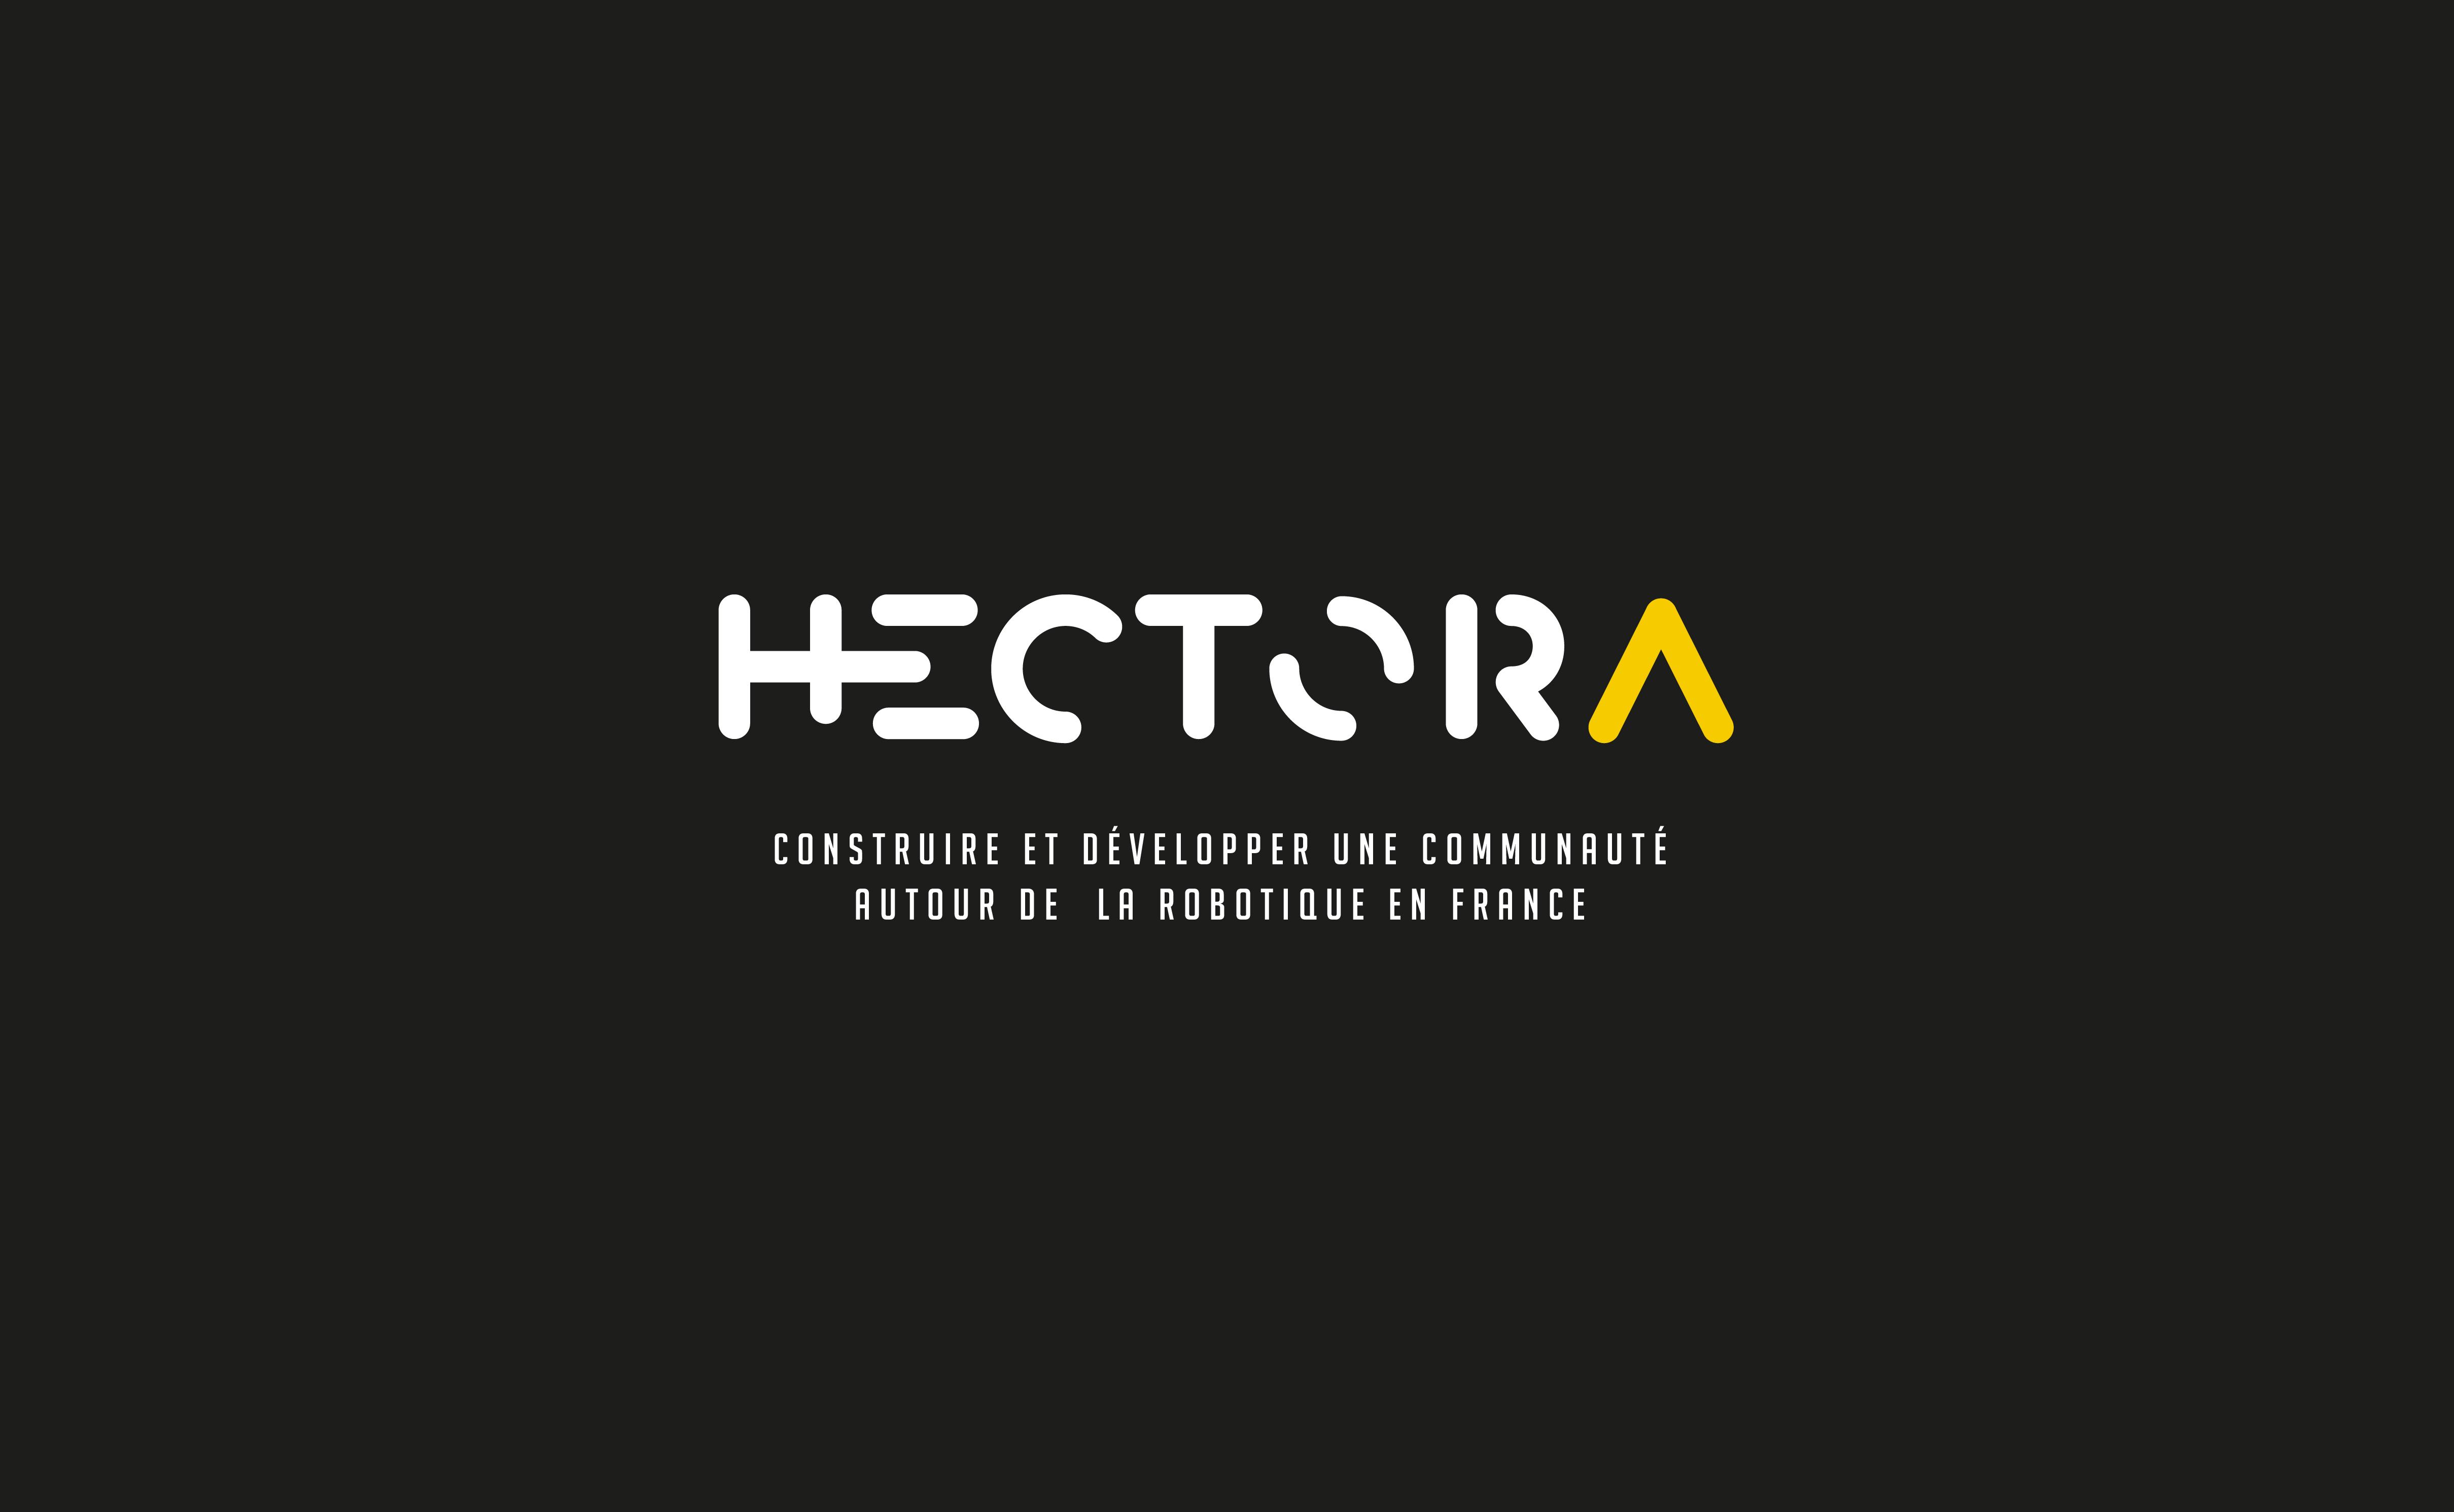 HECTORA_MOCKUP-07